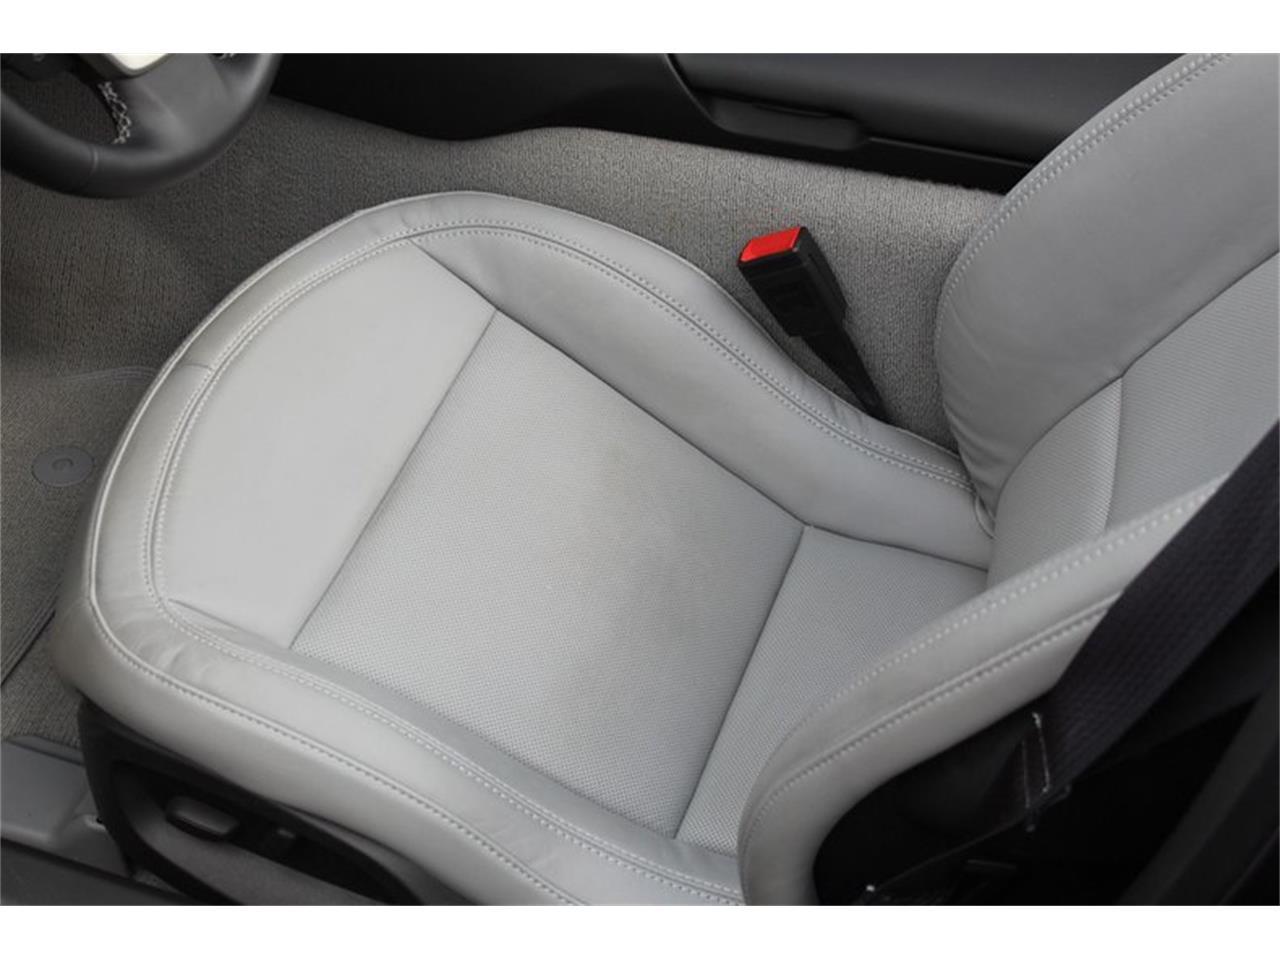 2015 Chevrolet Corvette (CC-1360768) for sale in Clifton Park, New York